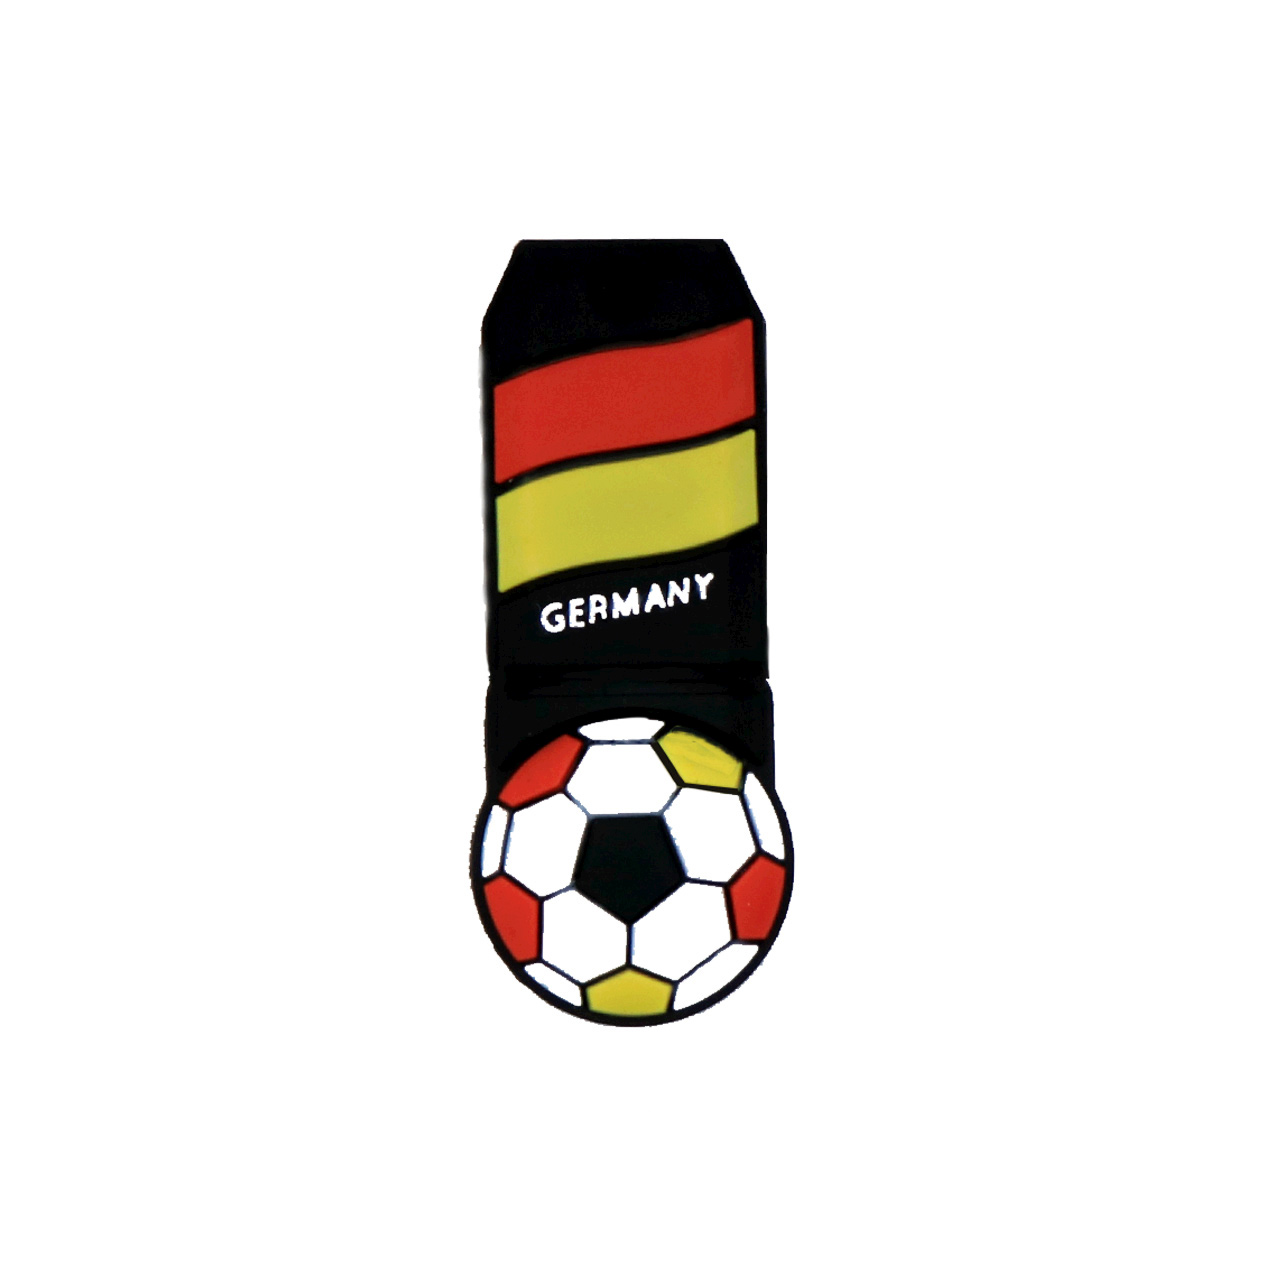 بررسی و {خرید با تخفیف} فلش مموری طرح پرچم آلمان مدل DPL1128-4 ظرفیت 64 گیگابایت اصل